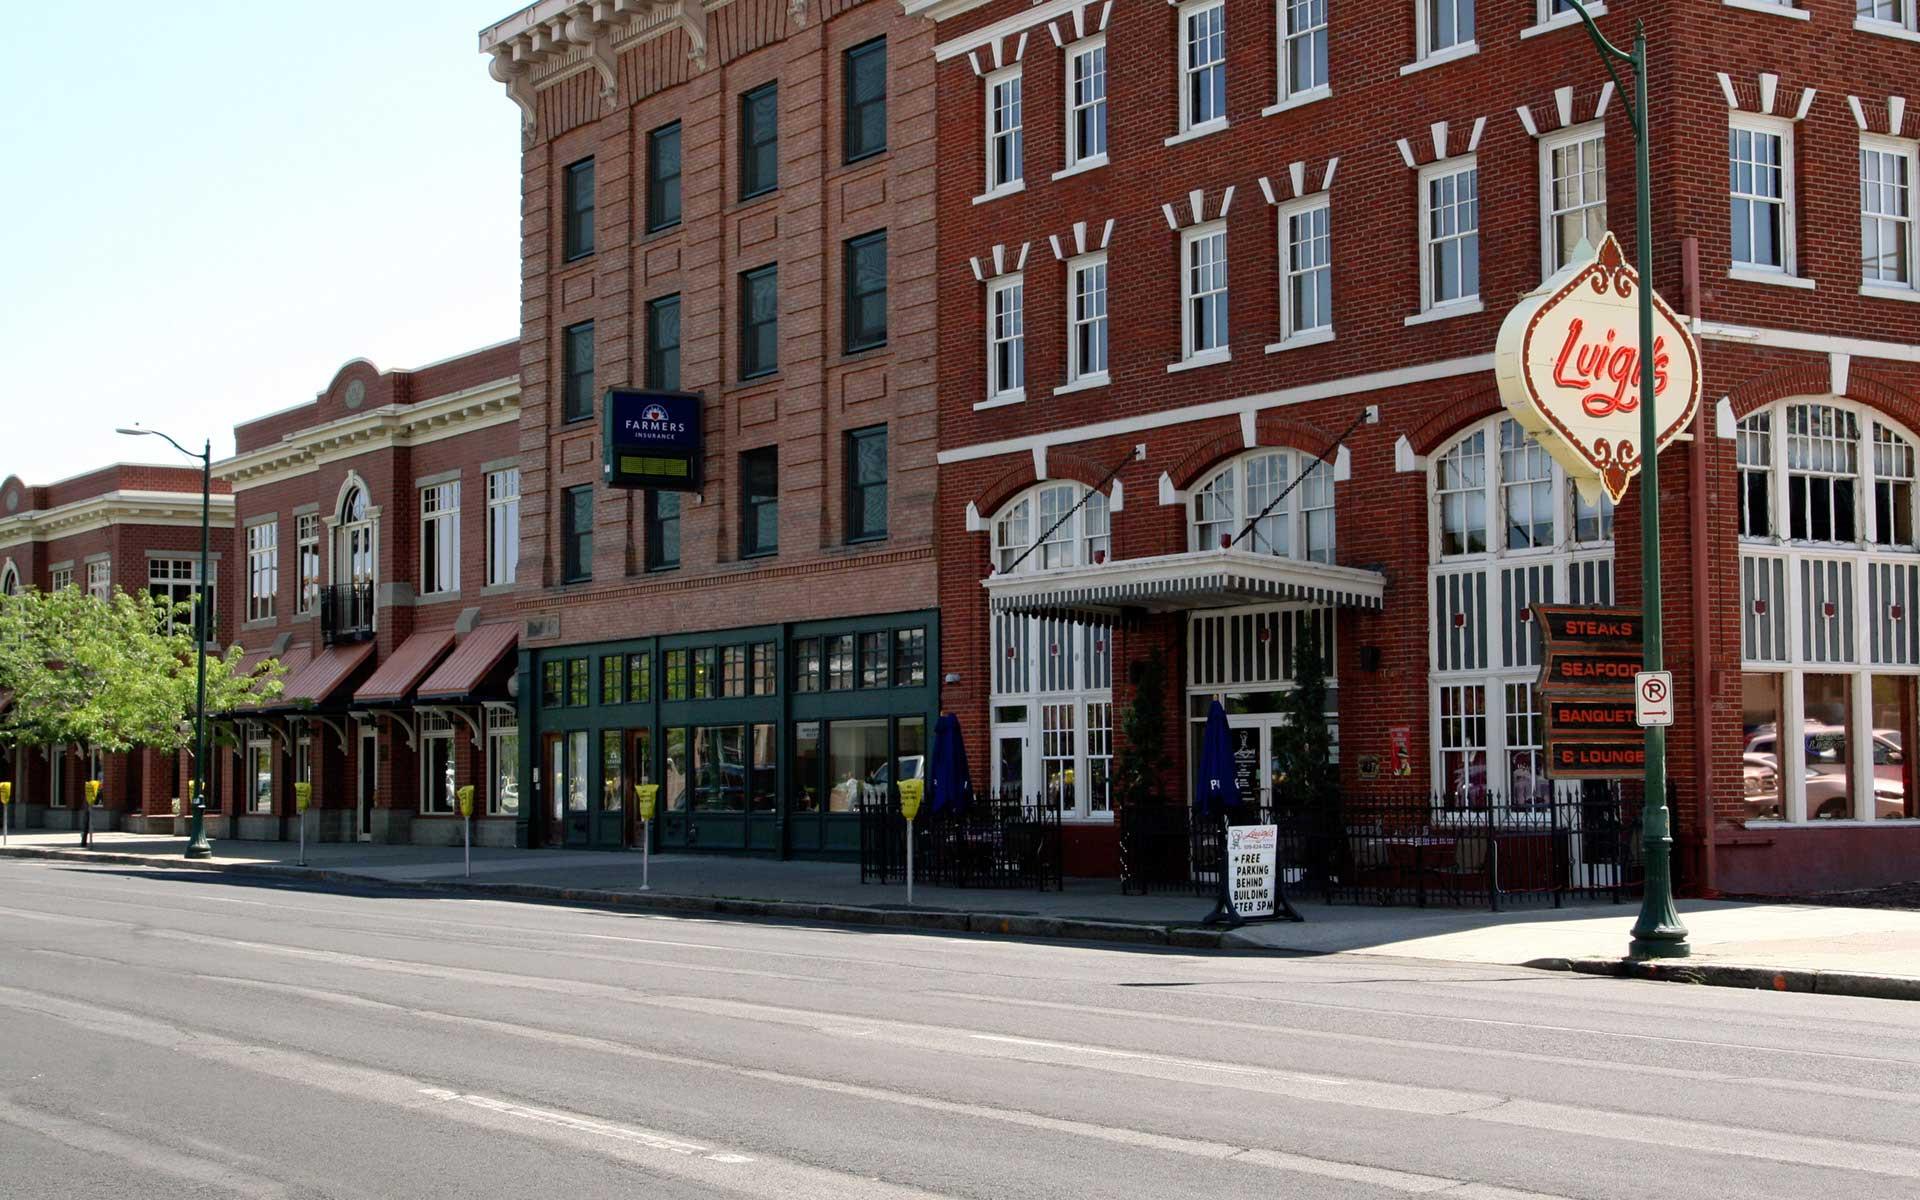 spokane street prea seriously - HD1920×1200